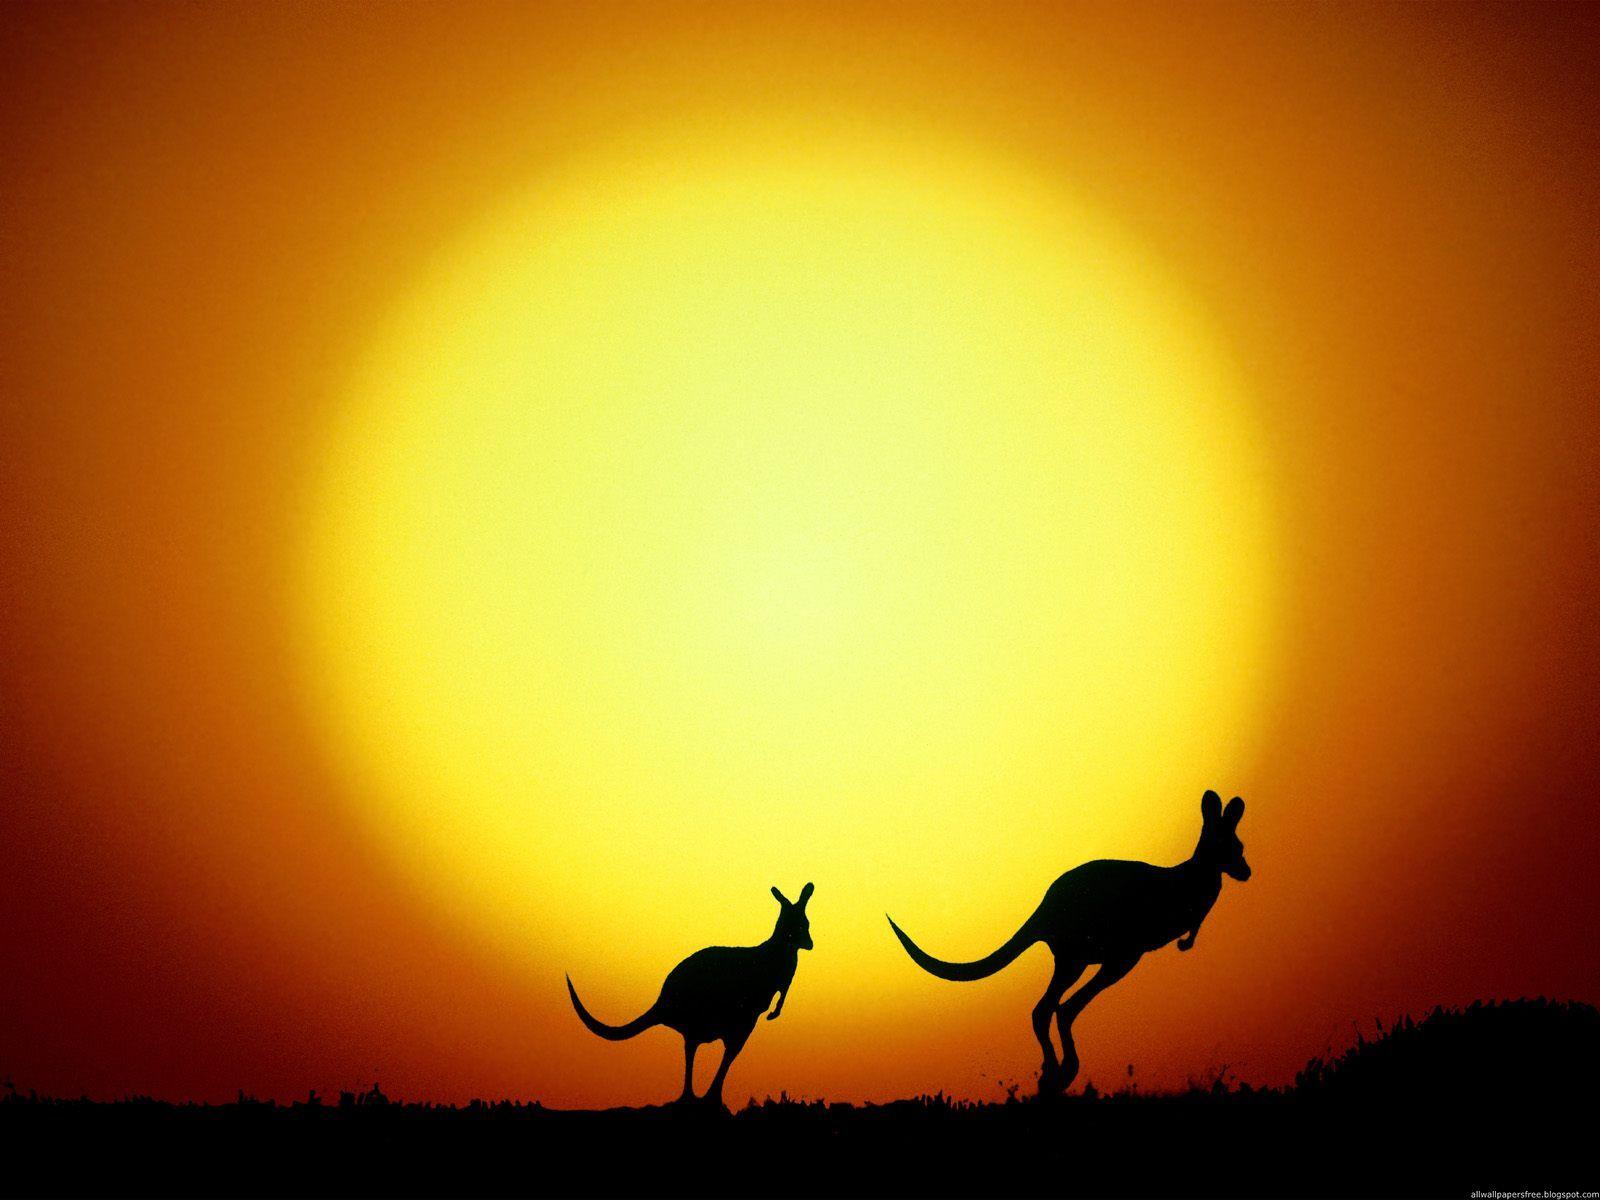 Australia on mind